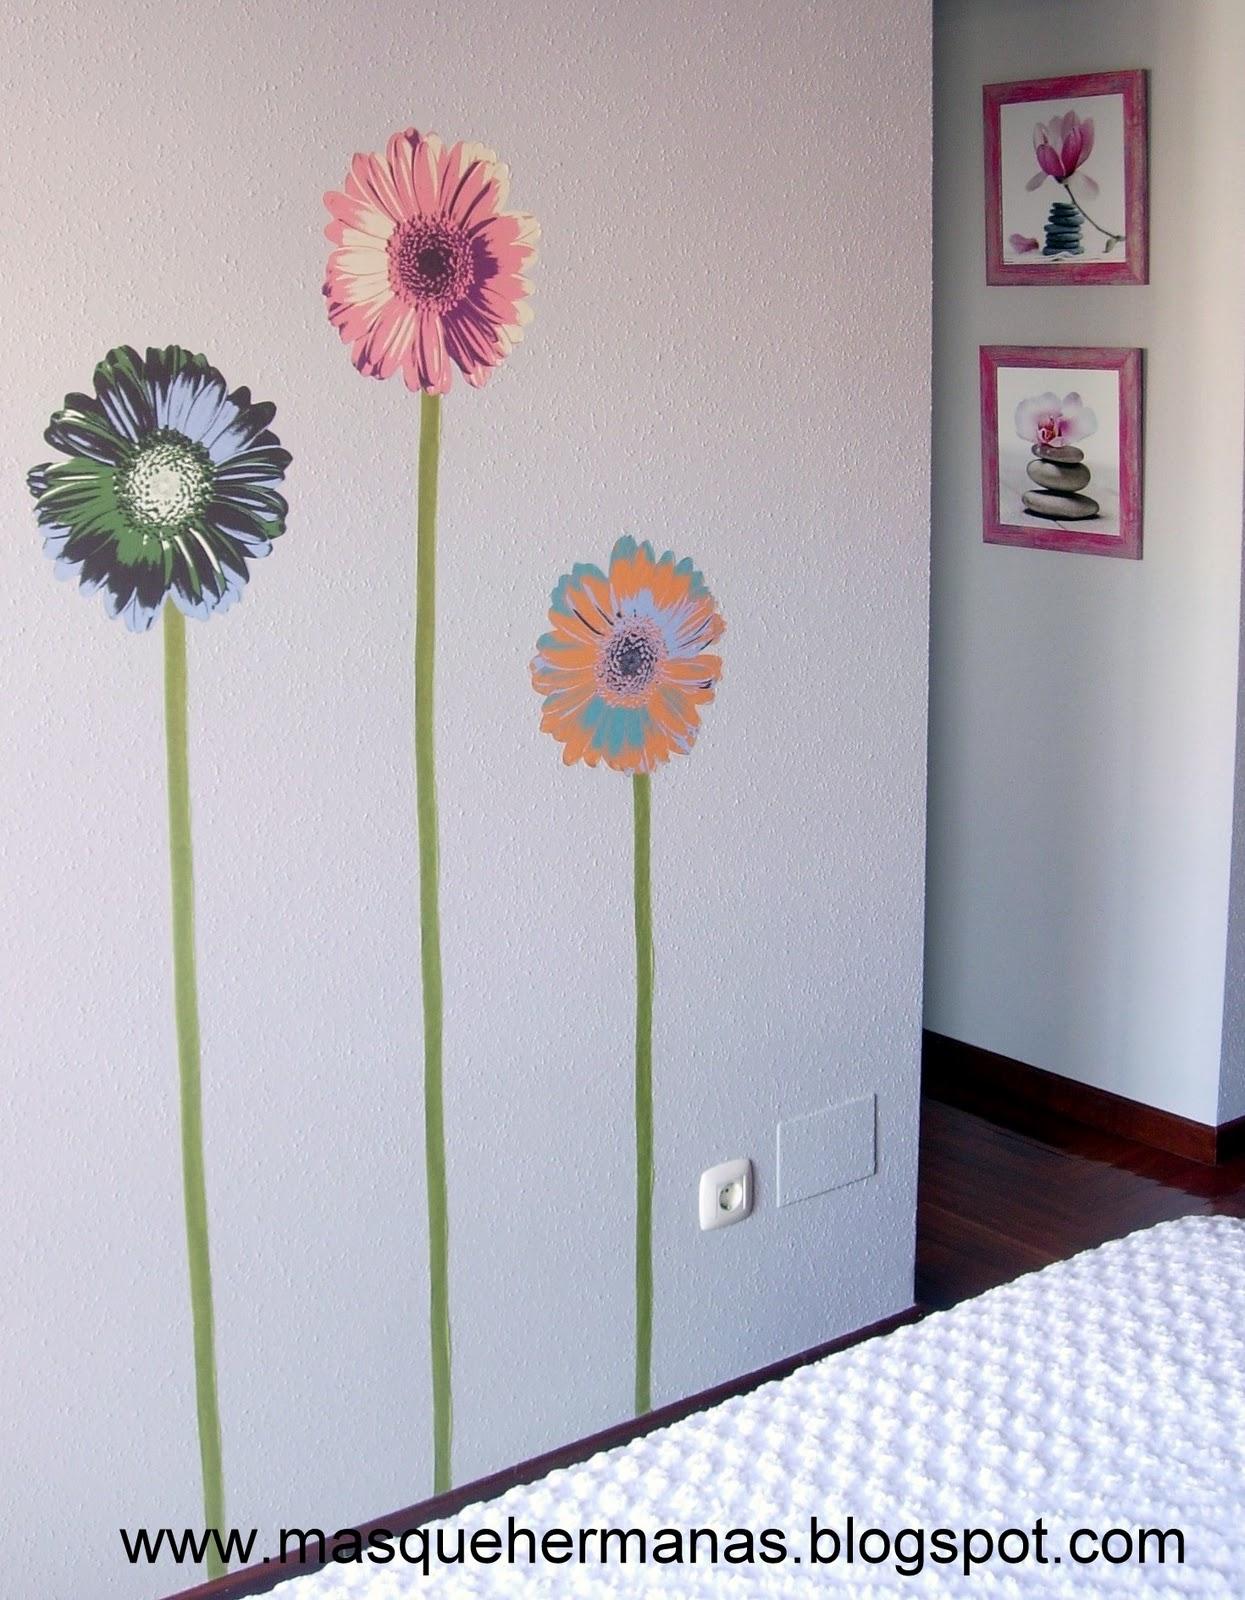 M s que hermanas vinilos y l minas decorativas for Vinilos pared gotele